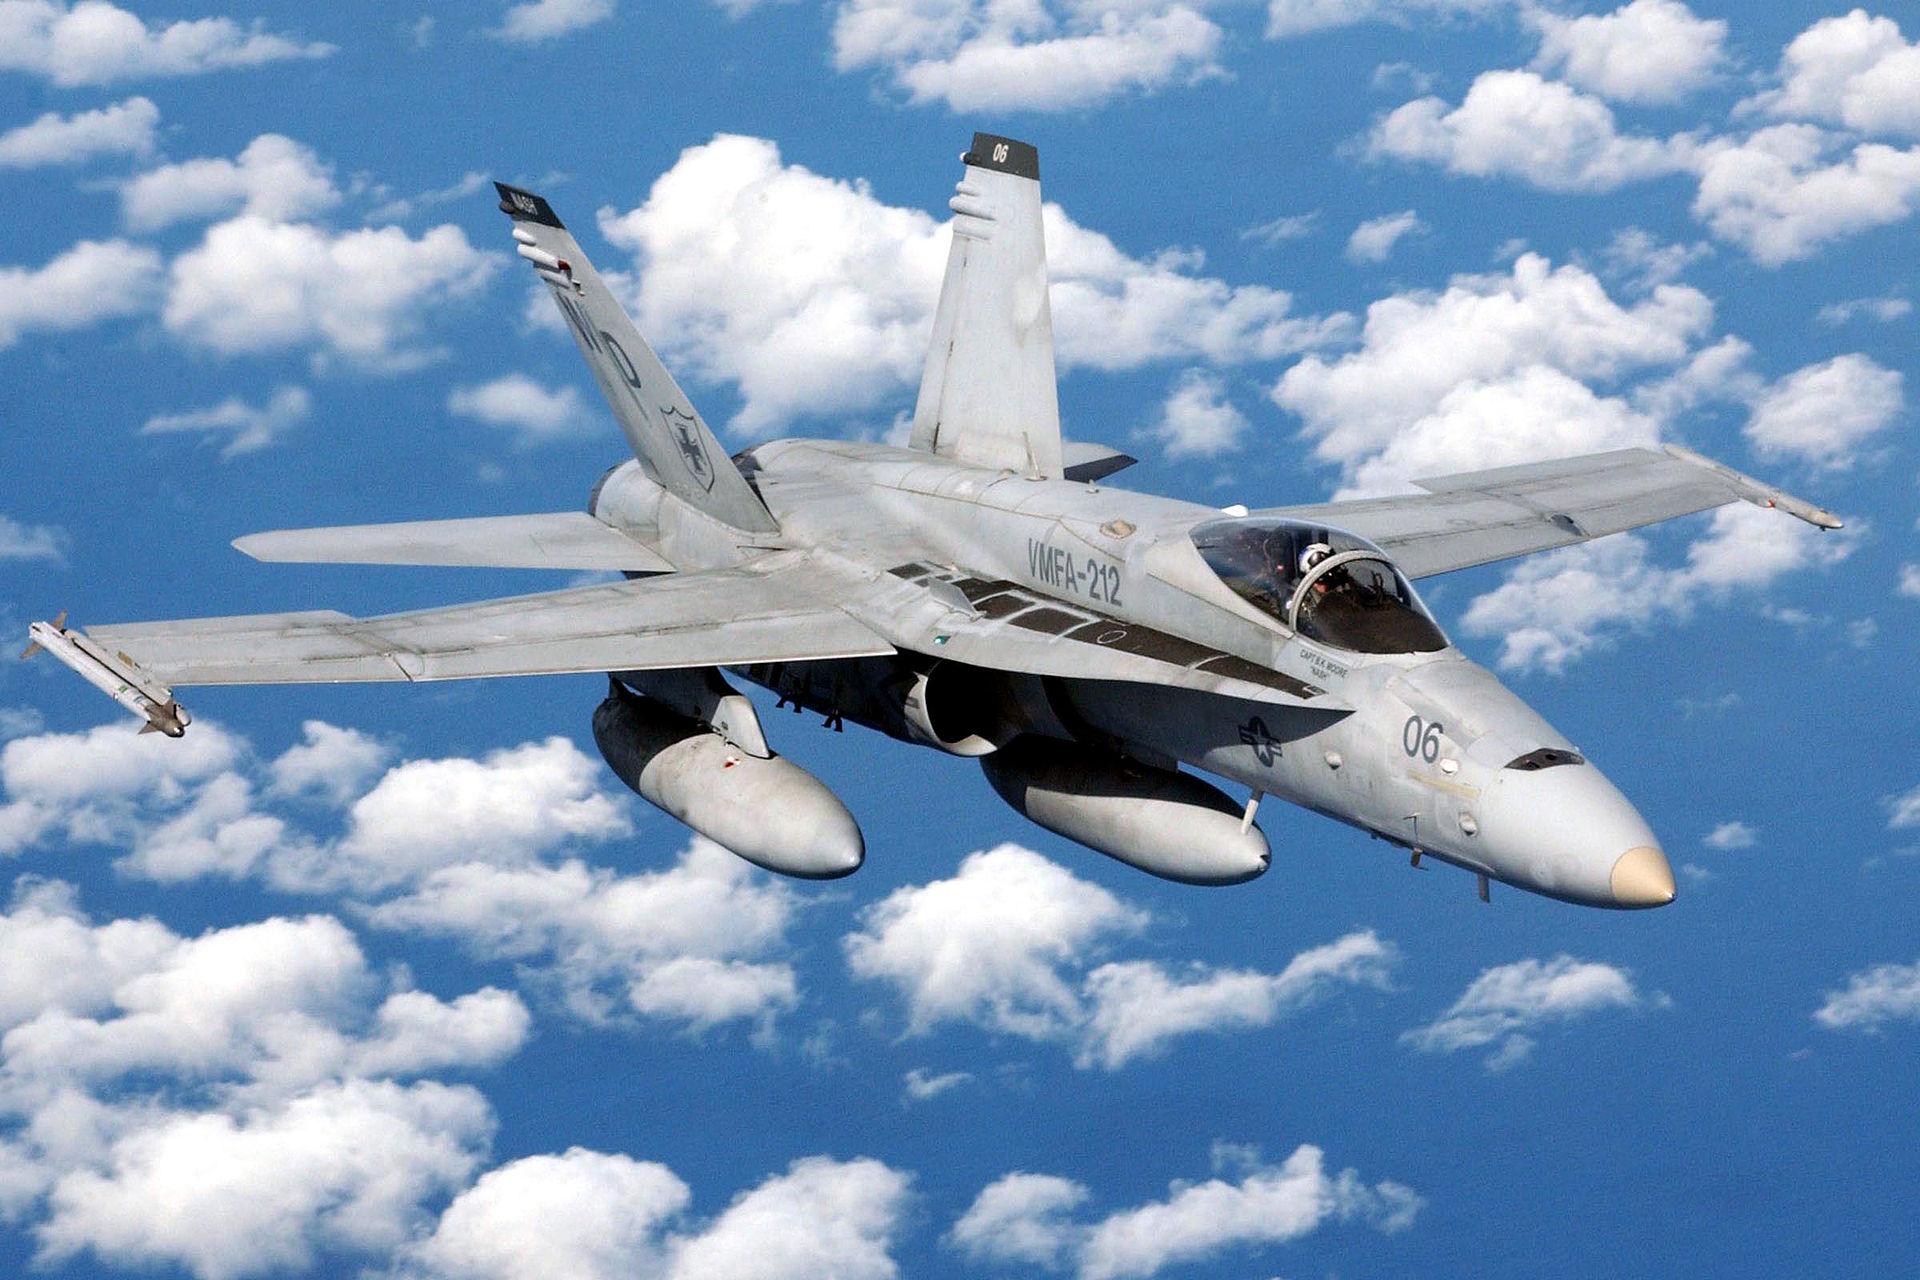 Макдоннелл-Дуглас F/A-18 (англ. McDonnell Douglas F/A-18 Hornet (рус. шершень, произносится «Хорнет»)— американский палубный истребитель-бомбардировщик иштурмовик, разработанный в1970-х годах. Насегодня является основным боевым самолётом ВМС США. Будет заменён самолётами F/A-XX в2030—2040-е годы.